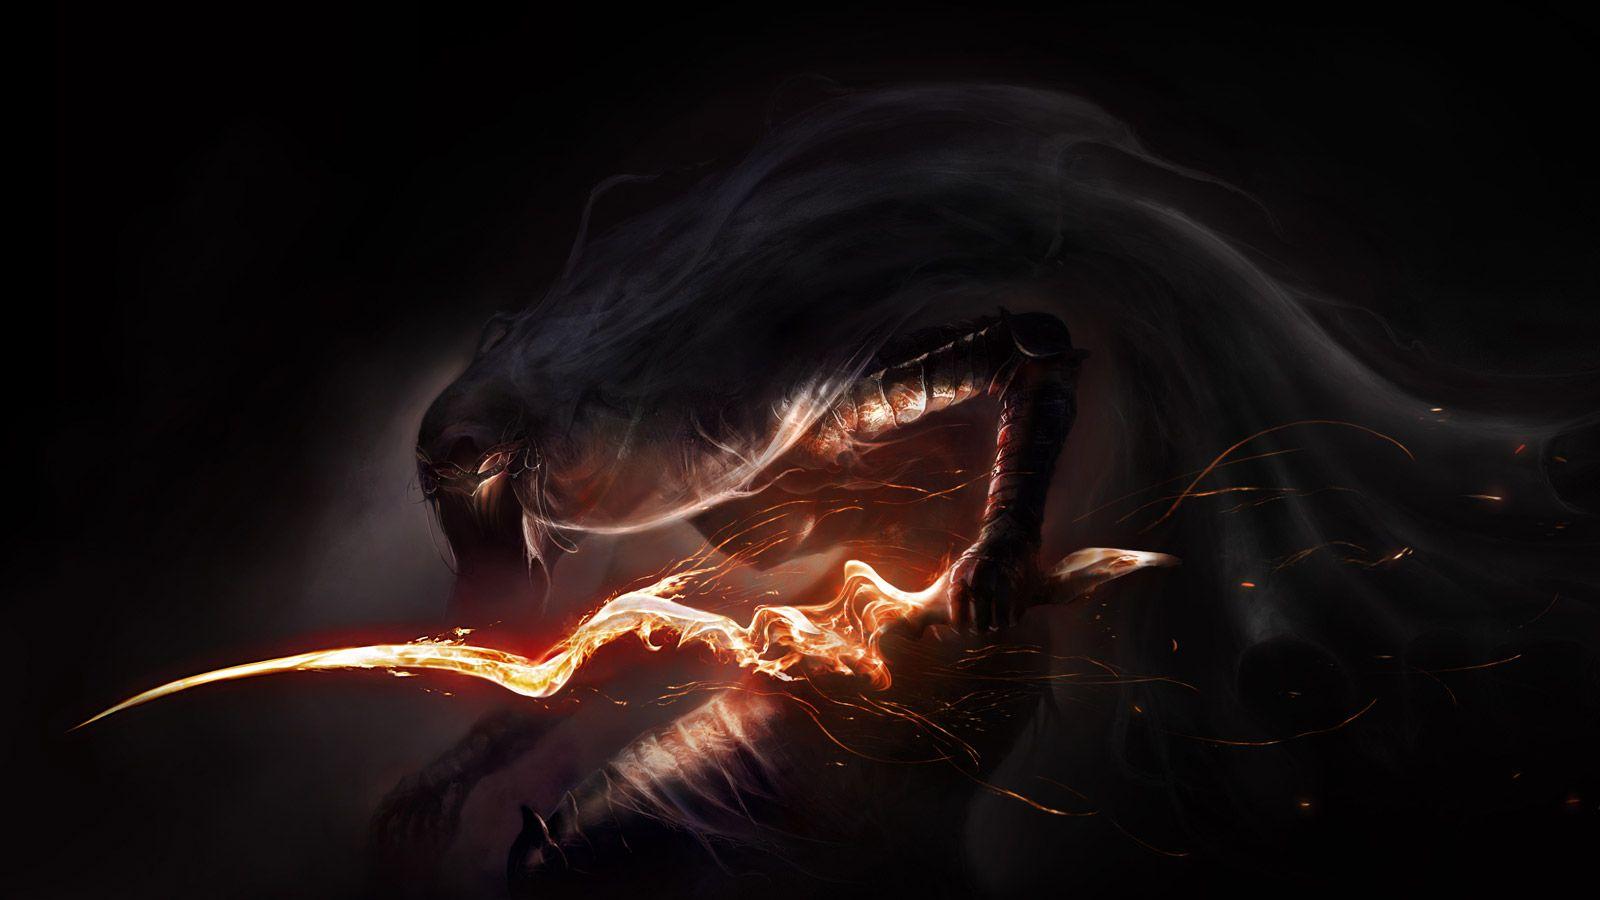 Dark Souls 3 HD Wallpaper 1600x900